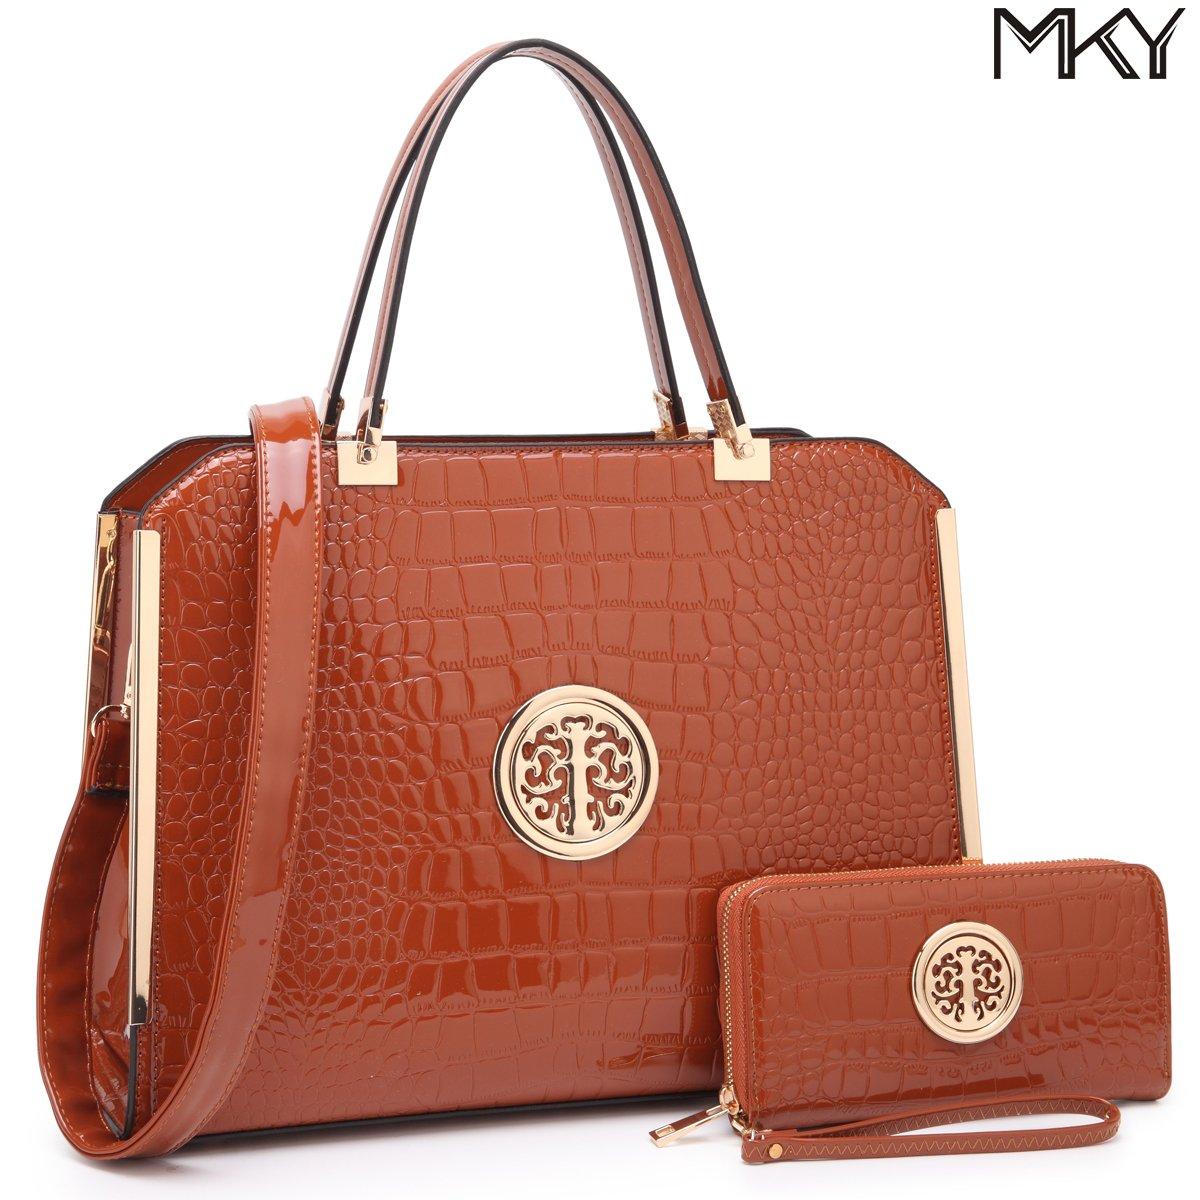 MKY Large Satchel 2 Pieces Handbag Designer Purse Multicolor w/ Wallet Shoulder Strap Brown